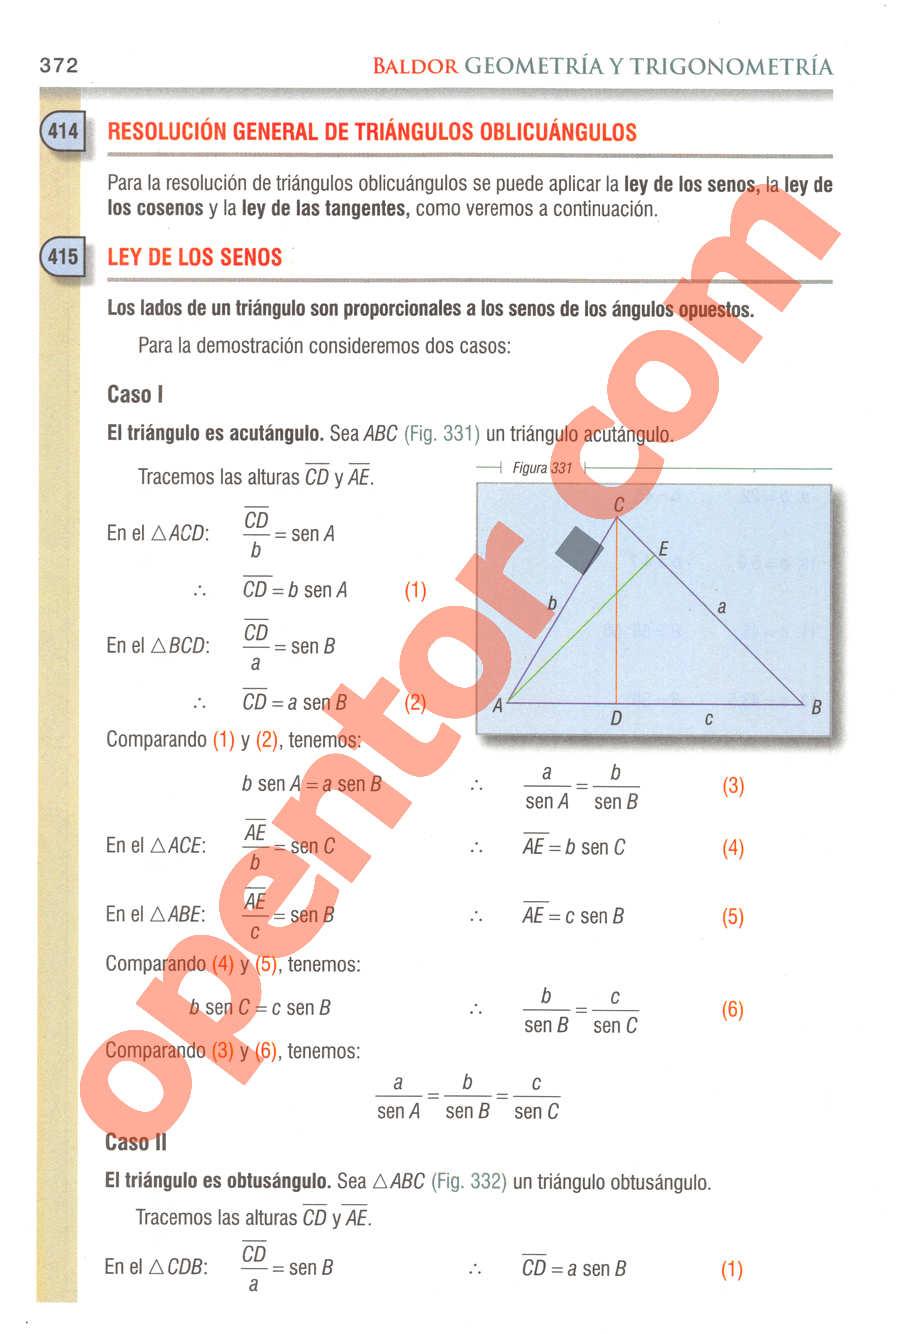 Geometría y Trigonometría de Baldor - Página 372